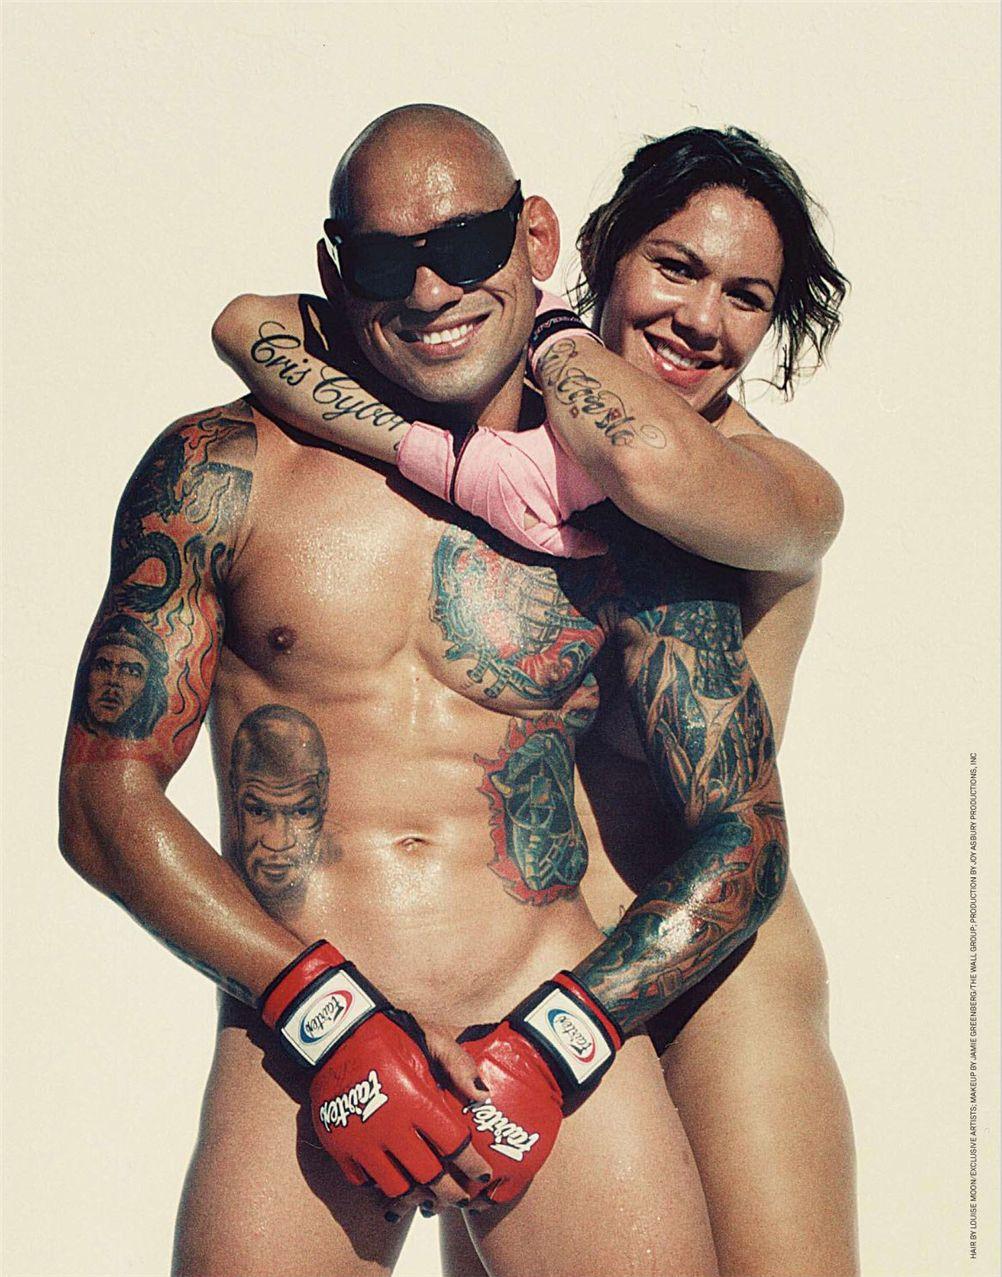 Эвангелиста и Кристиана Сантос / Evangelista and Cristiane Santos - ESPN Magazine Body Issue 18 october 2010